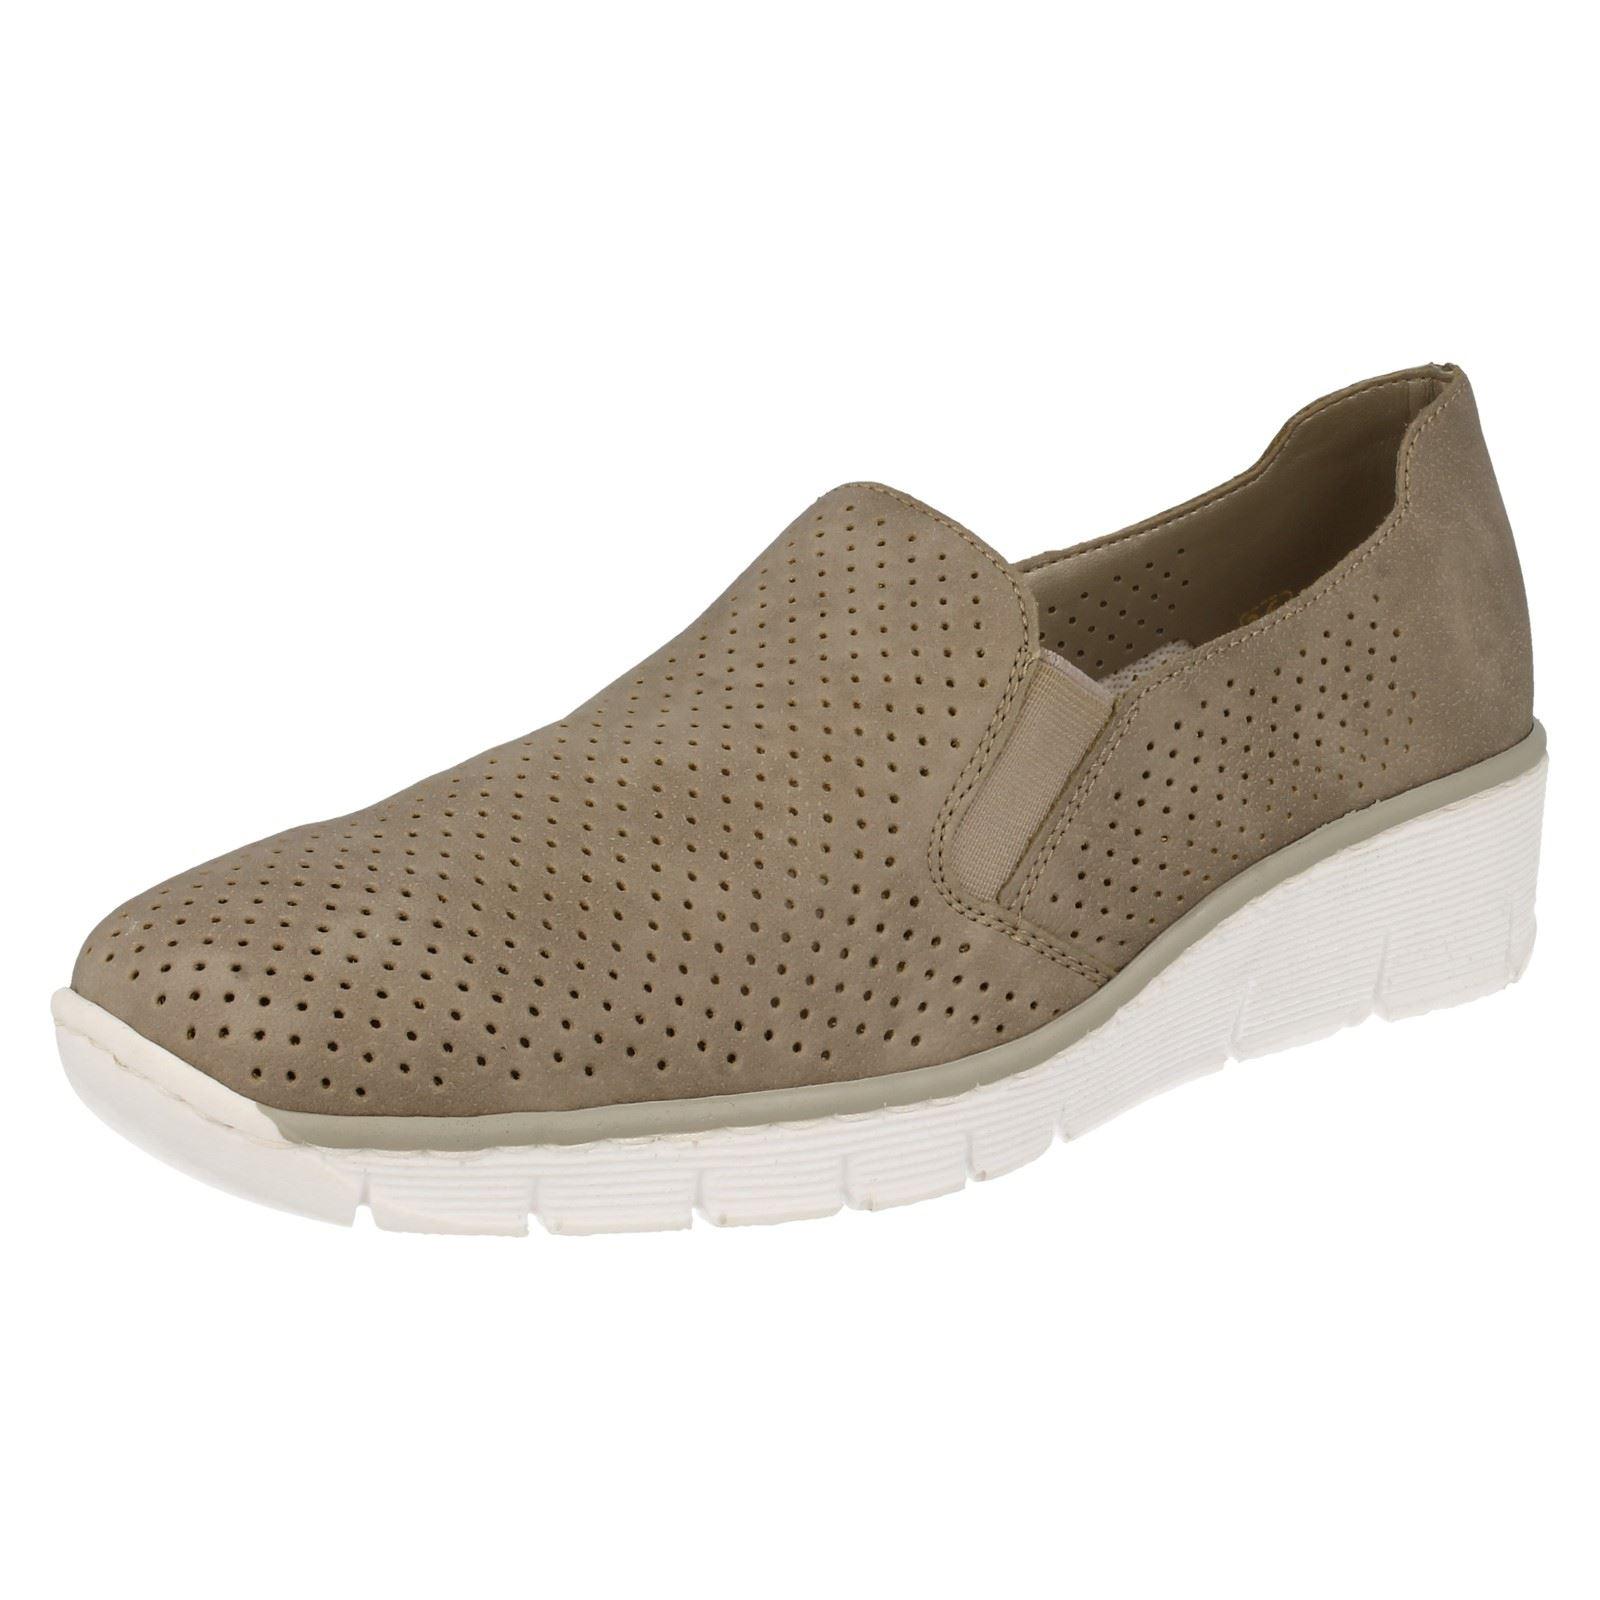 mes chaussures à enfiler enfiler à 53765 rieker occasionnel. e7a7f8